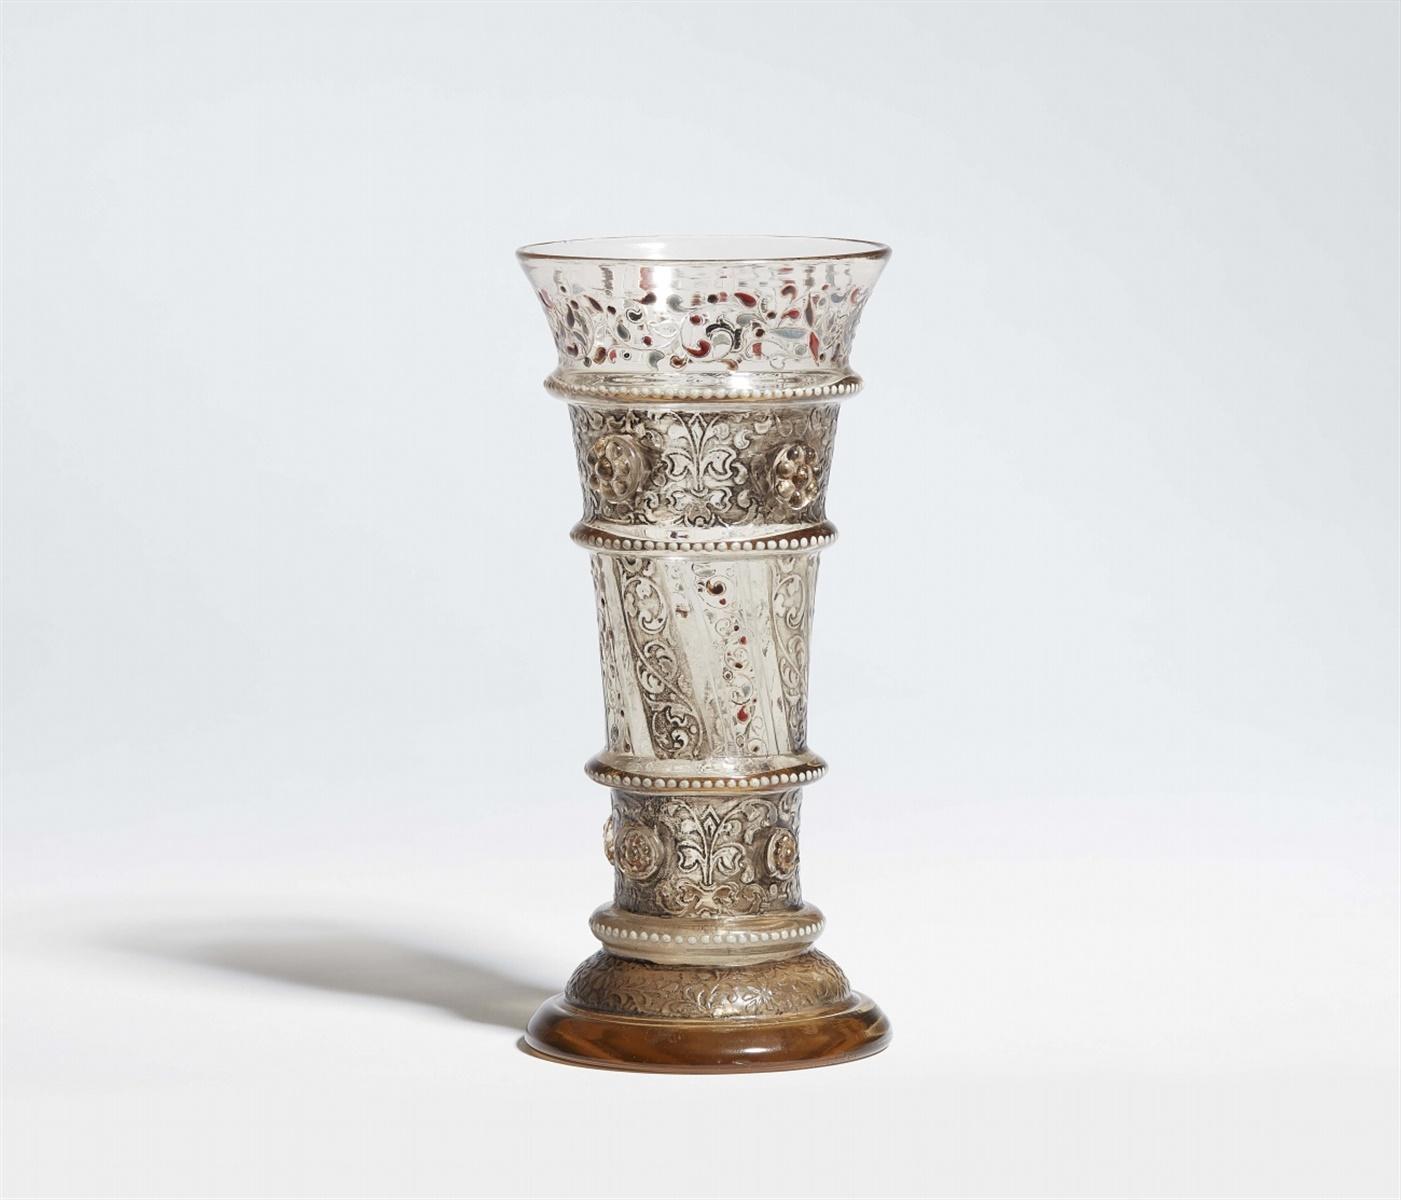 Lot 9 - Frühes Stangenglas von Emile GalléBraunstichiges Klarglas mit rauchfarbener Patina, erhabener